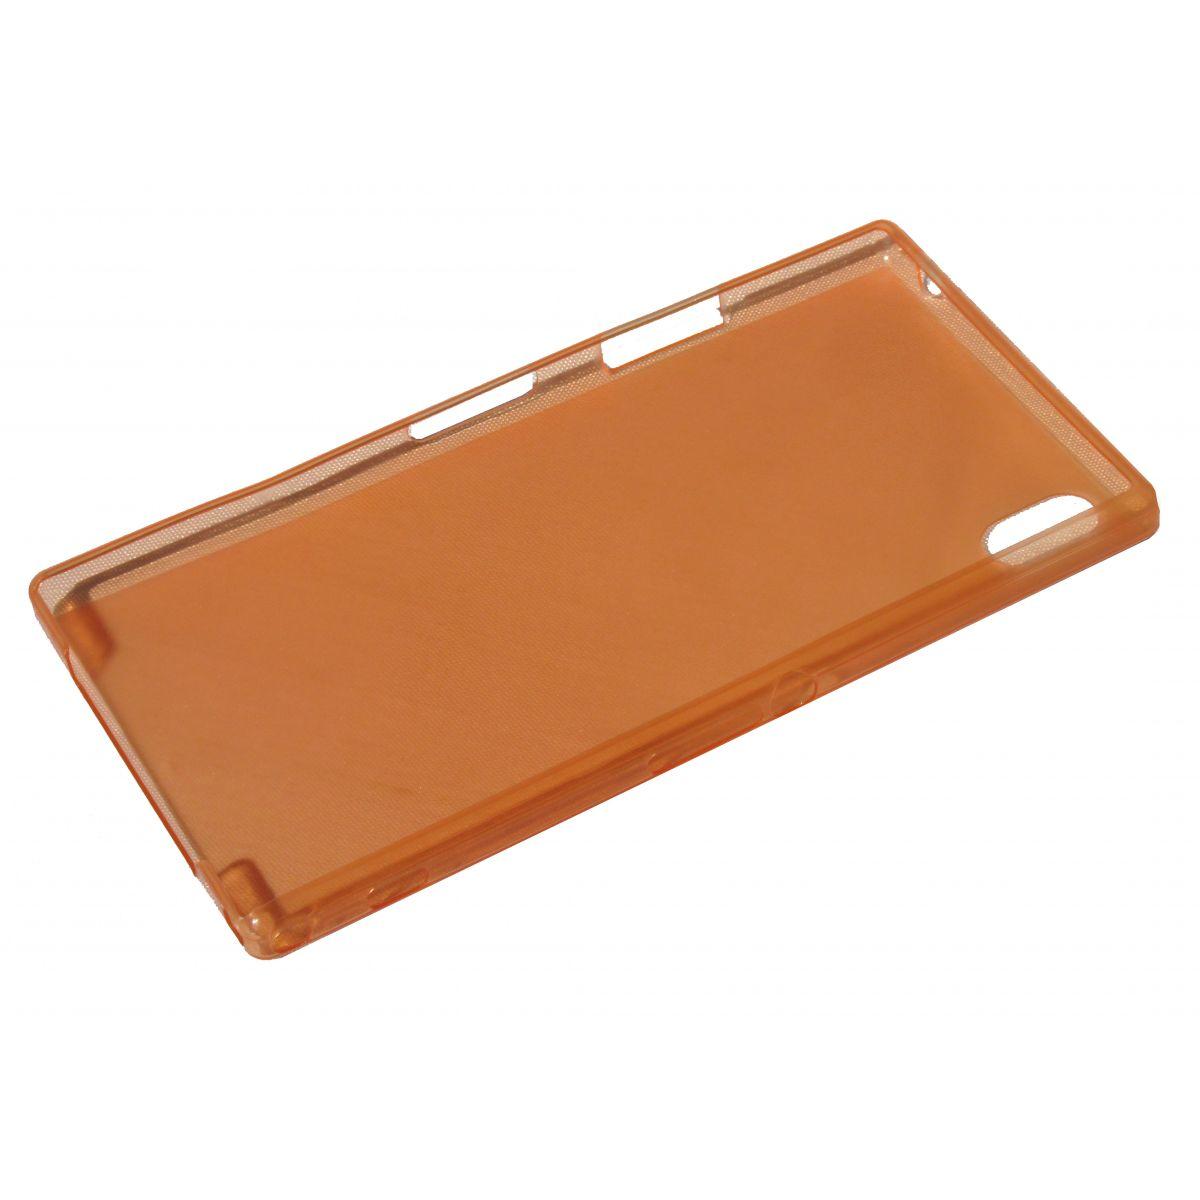 Capa Ultra Slim Sony Xperia Z1 C6903 - Laranja